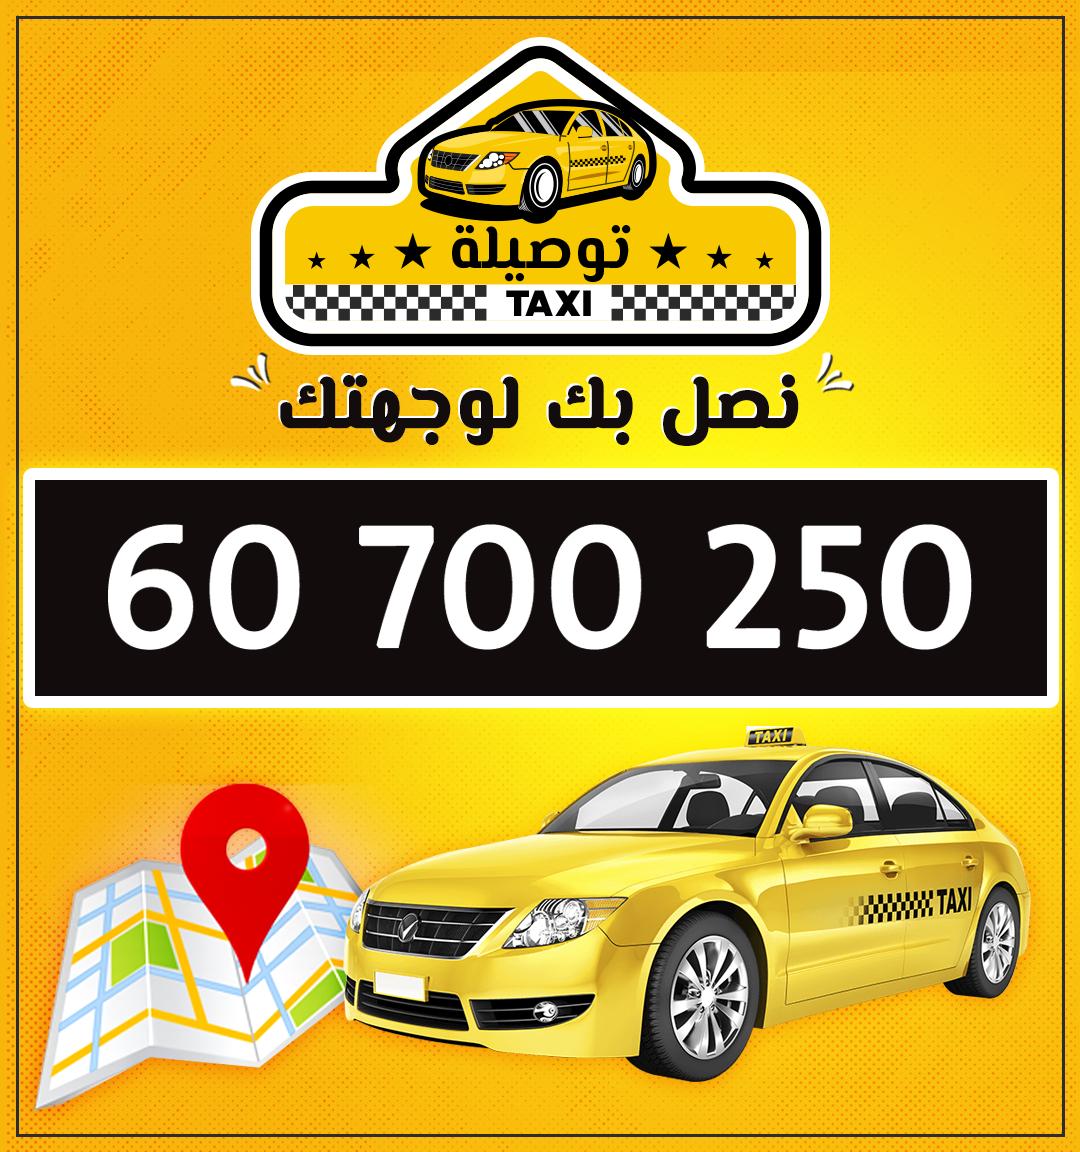 تاكسي توصيلة في شارع عيسى عبد الرحمن العسعوسي